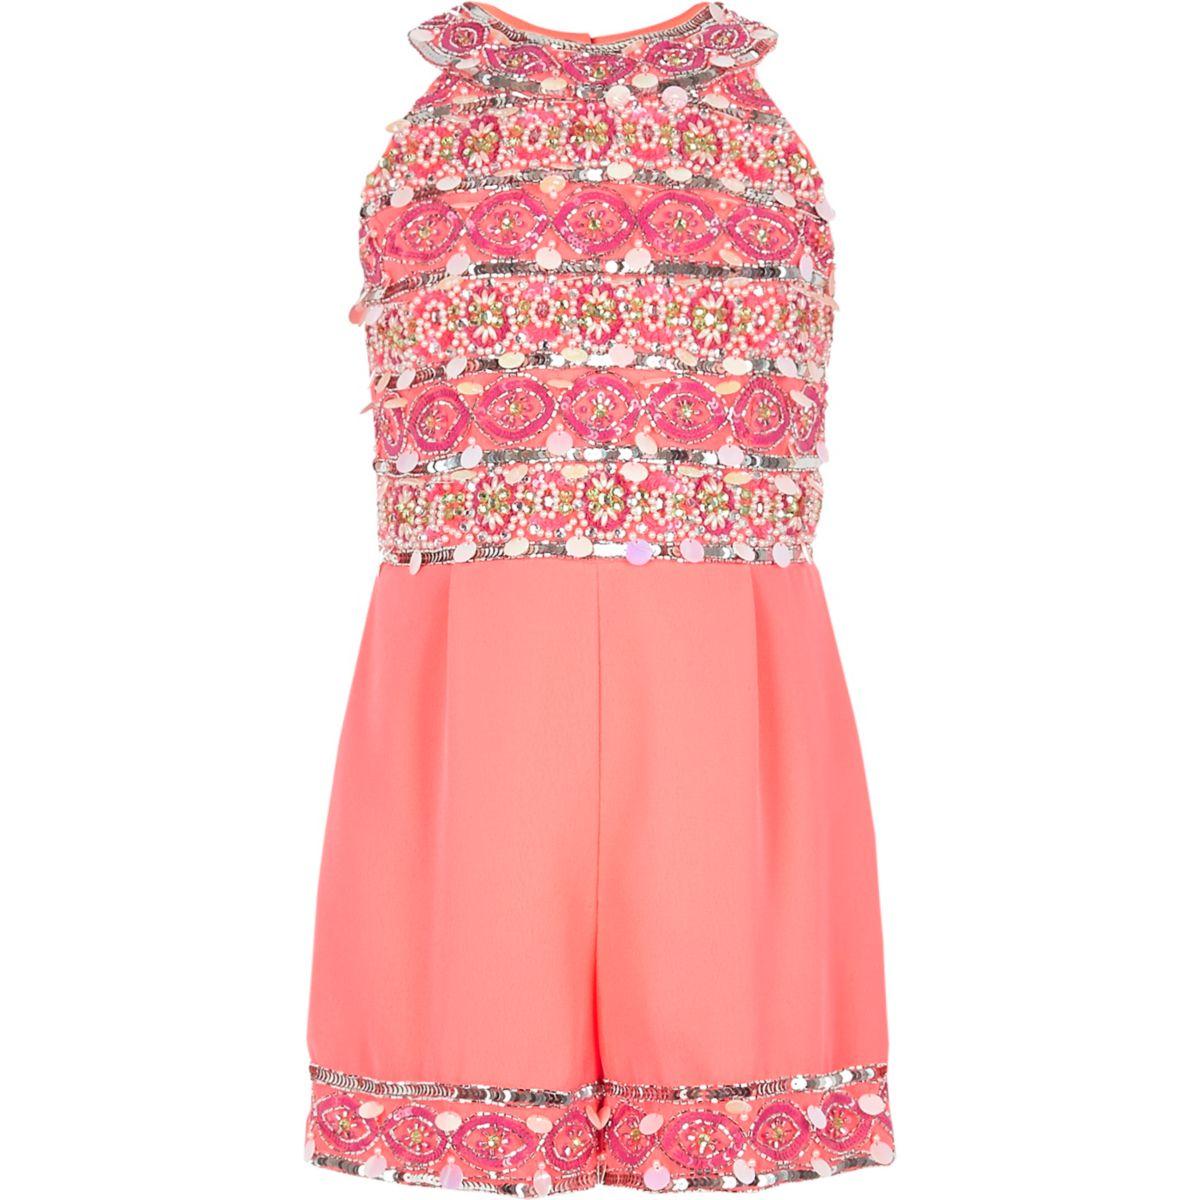 Girls pink embellished high neck playsuit